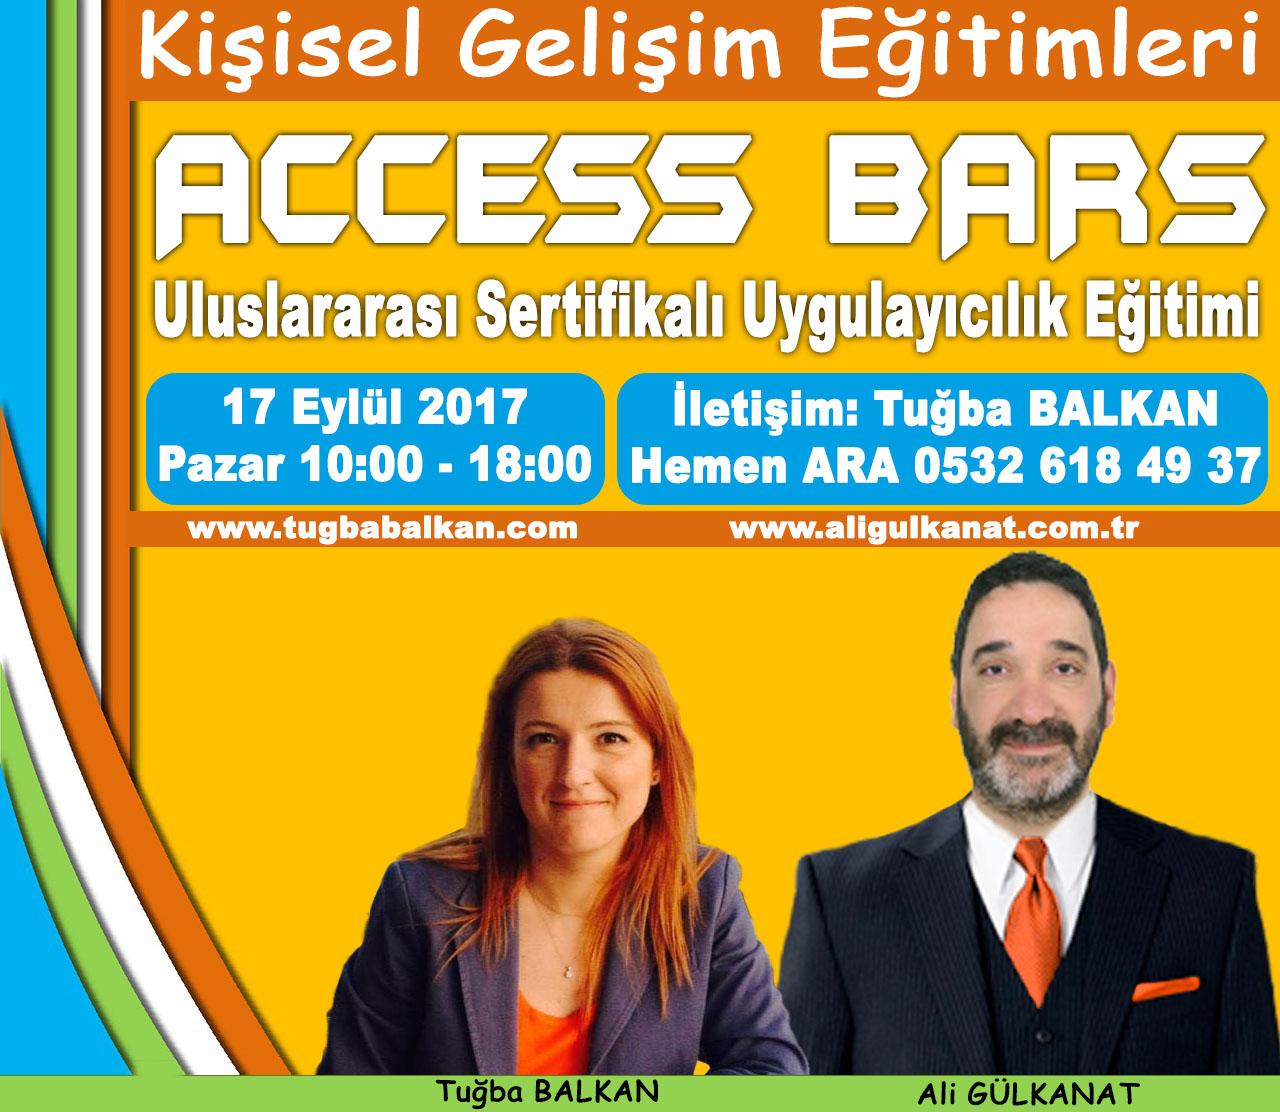 ACCESS BARS Uygulayıcılık Eğitimi – 17 Eylül 2017 – İSTANBUL